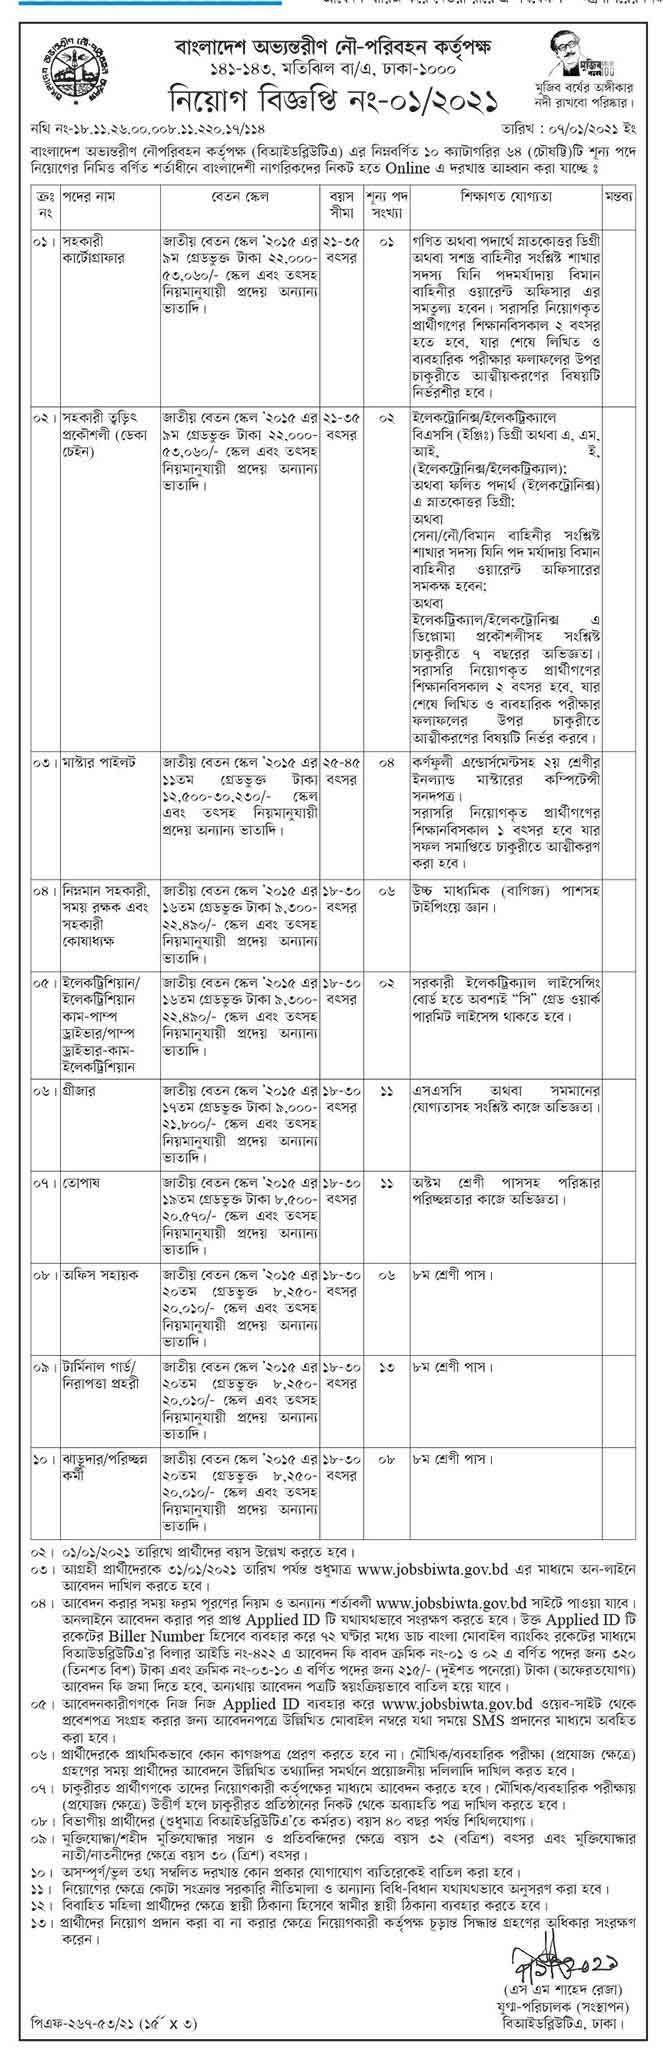 বাংলাদেশ অভ্যন্তরীণ নৌ-পরিবহন কর্পোরেশন (বিআইডব্লিউটি) নিয়োগ বিজ্ঞপ্তি ২০২১ - Bangladesh Inland Water Transport Corporation BIWTC Job circular 2021